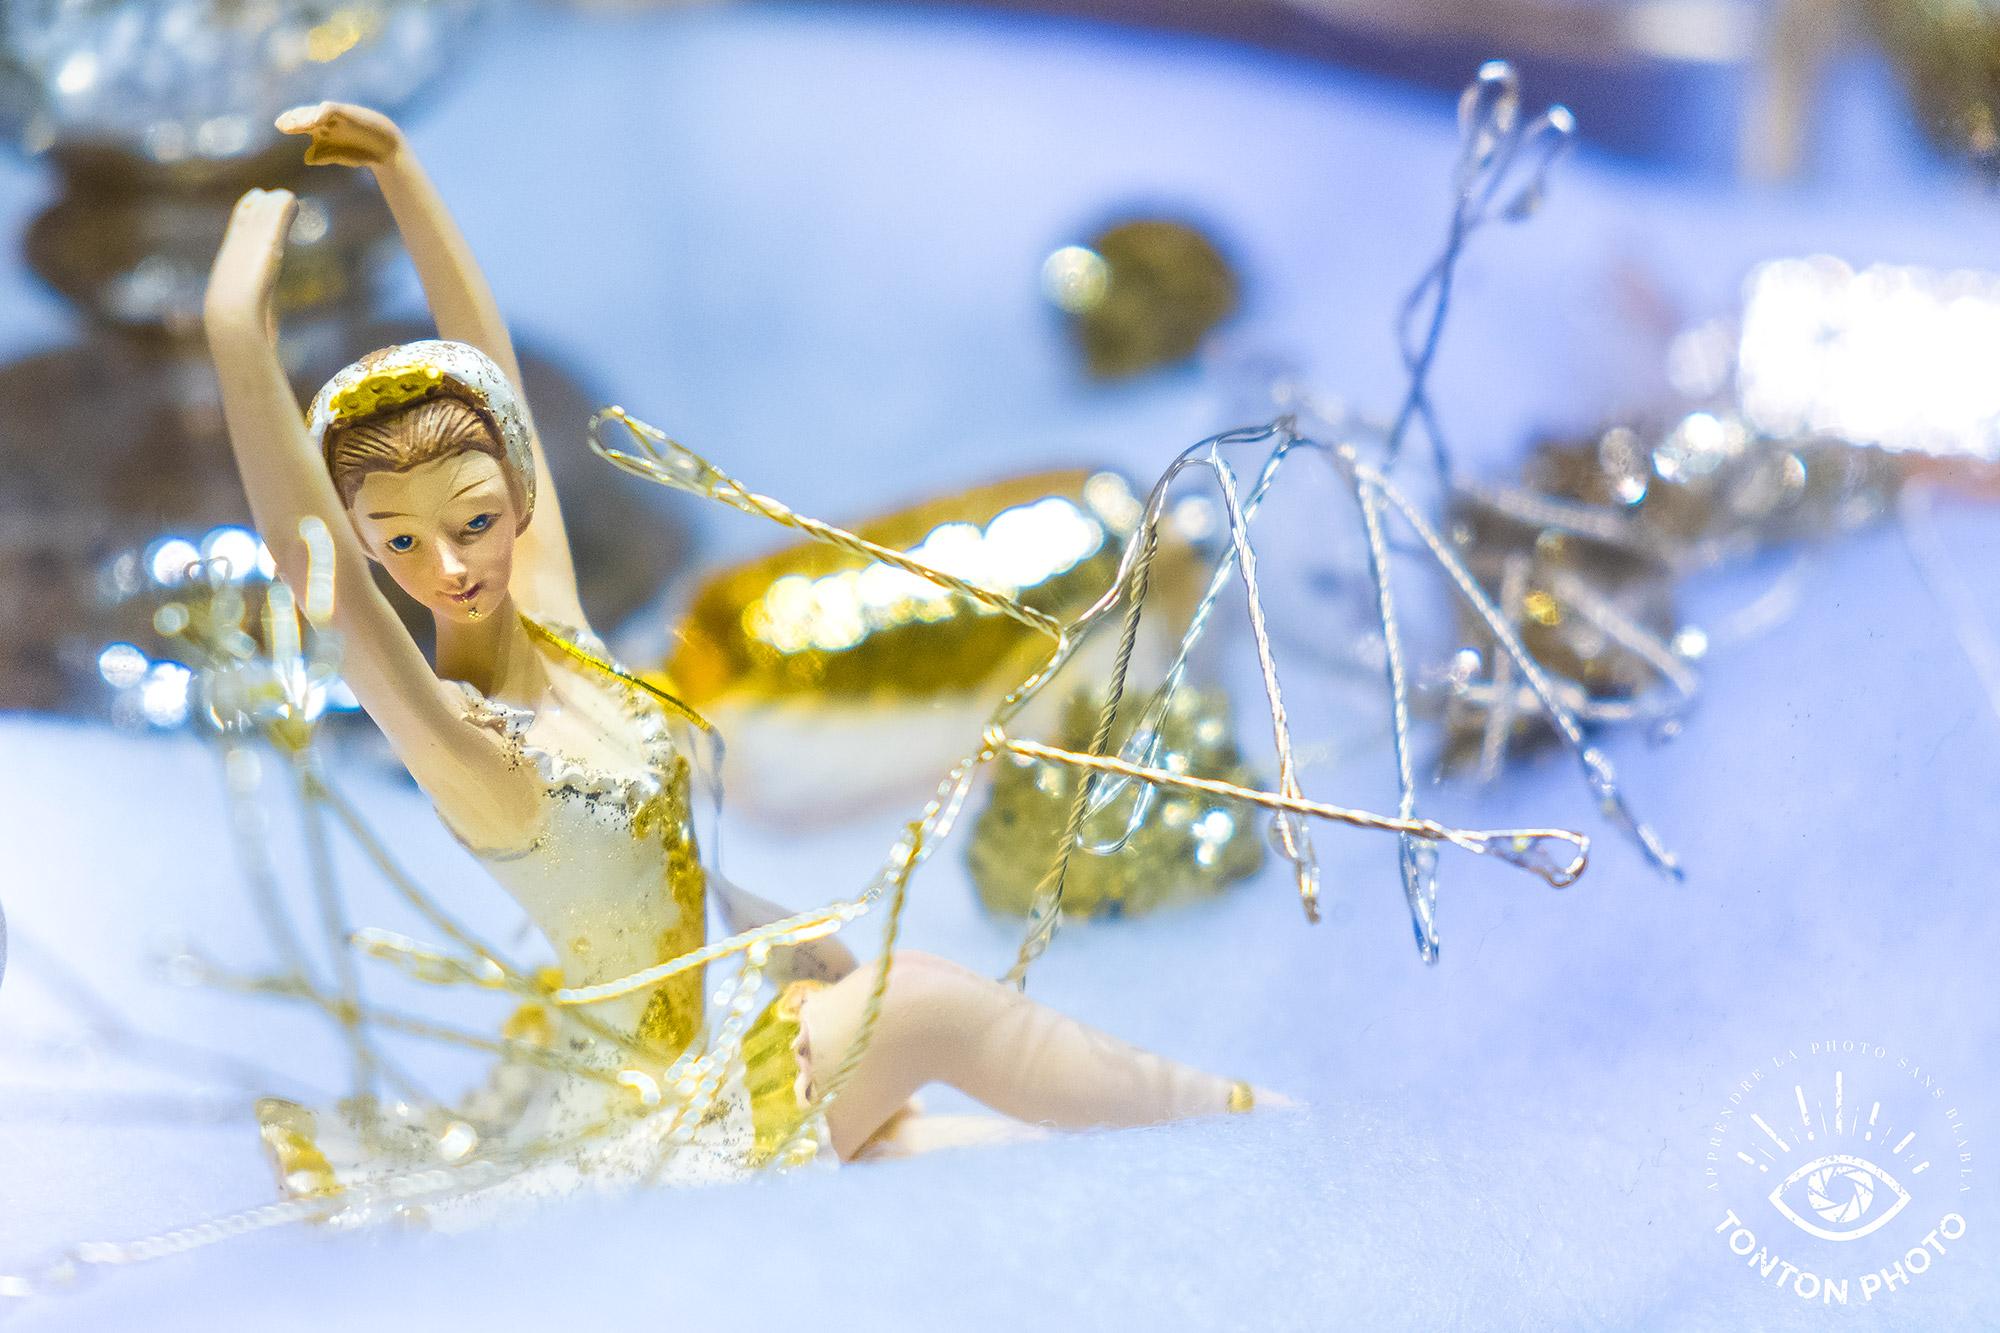 Comment photographier pendant Noël et les fêtes de fin d'année ? © Clément Racineux / Tonton Photo